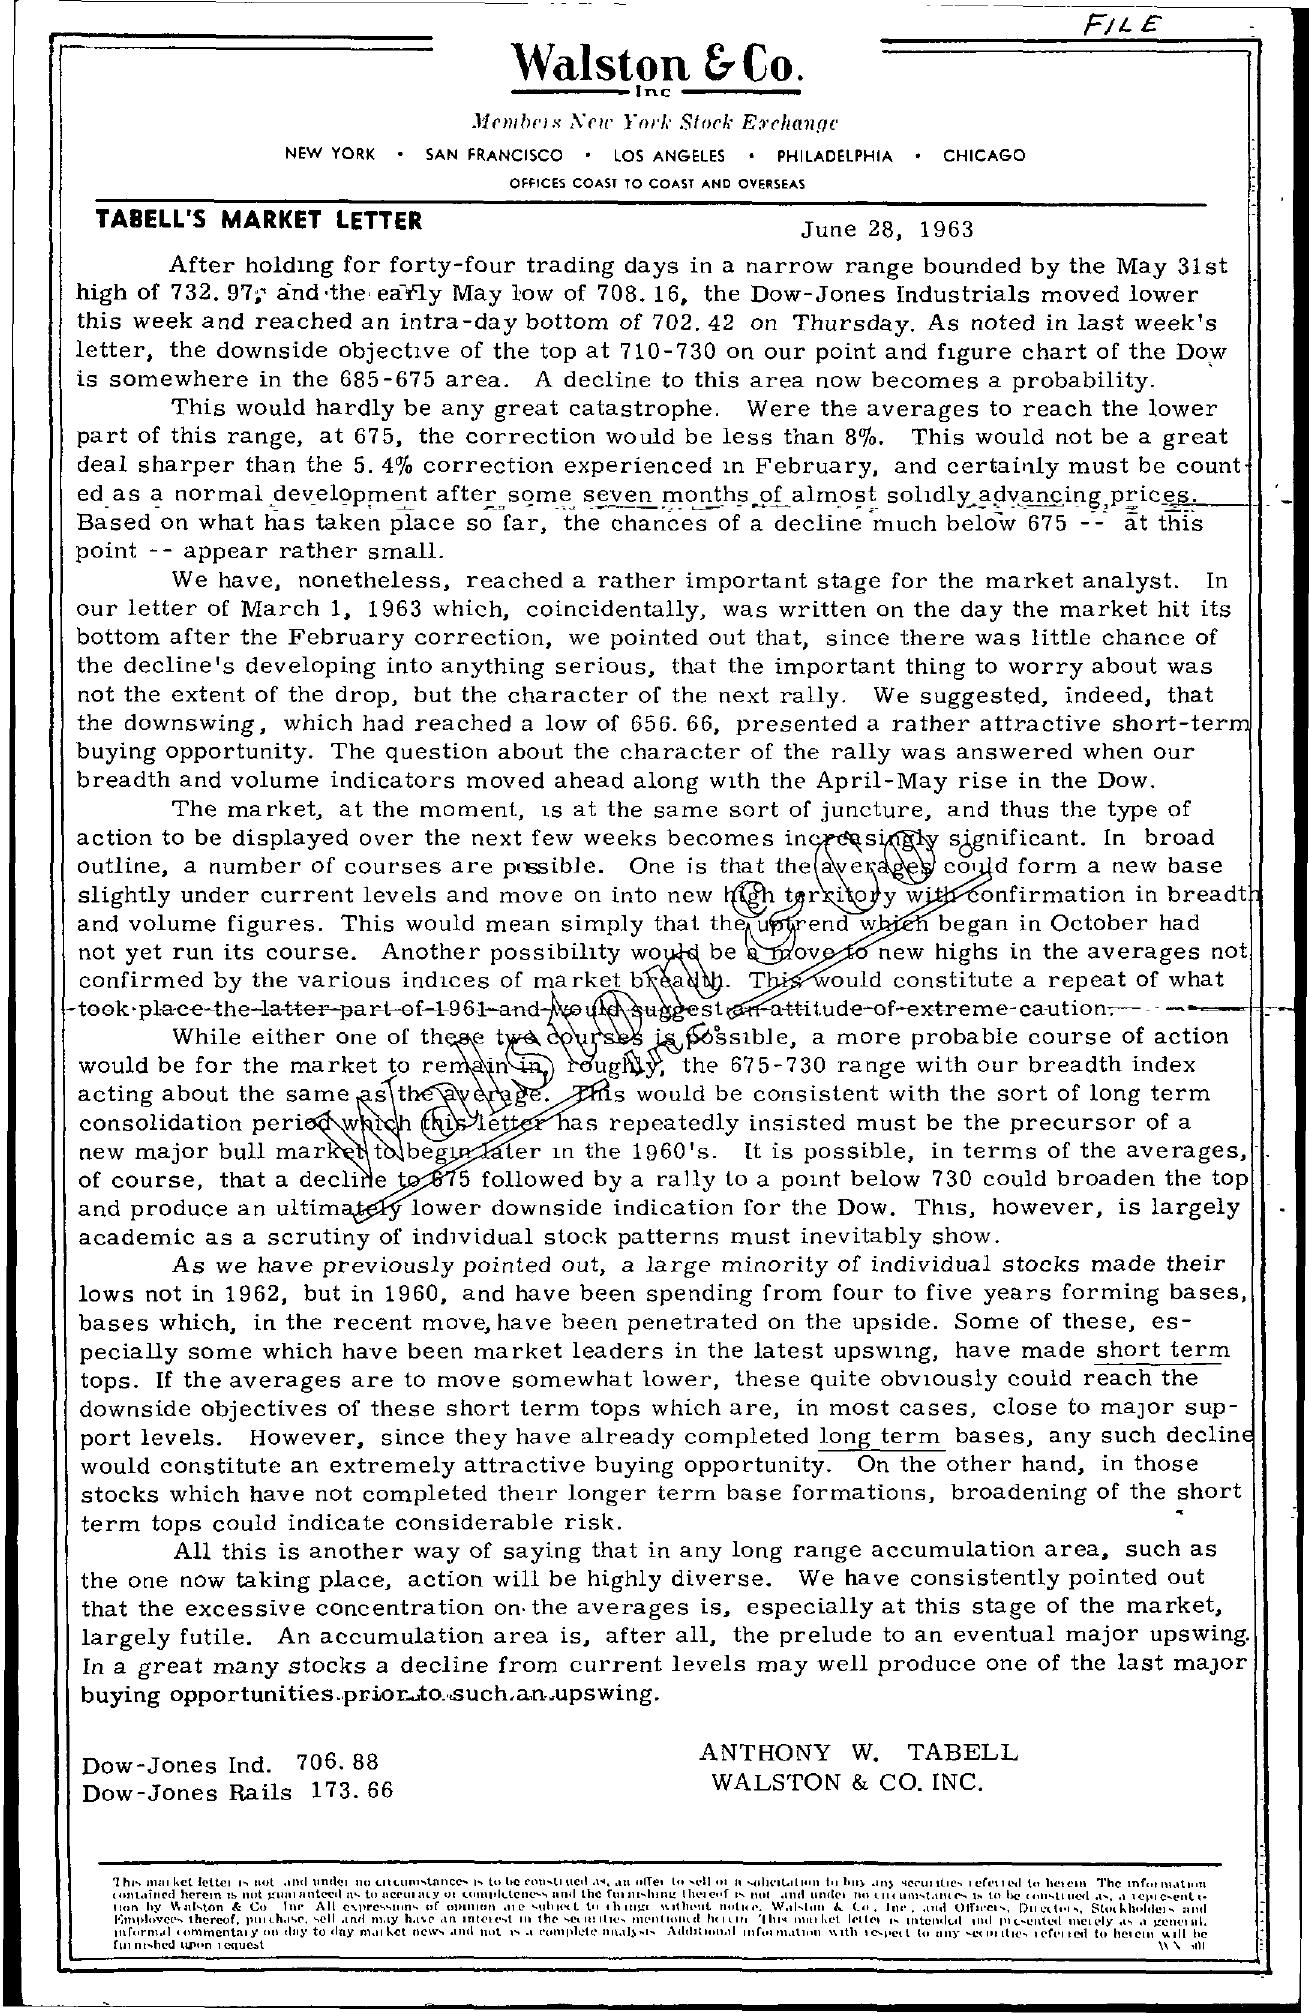 Tabell's Market Letter - June 28, 1963